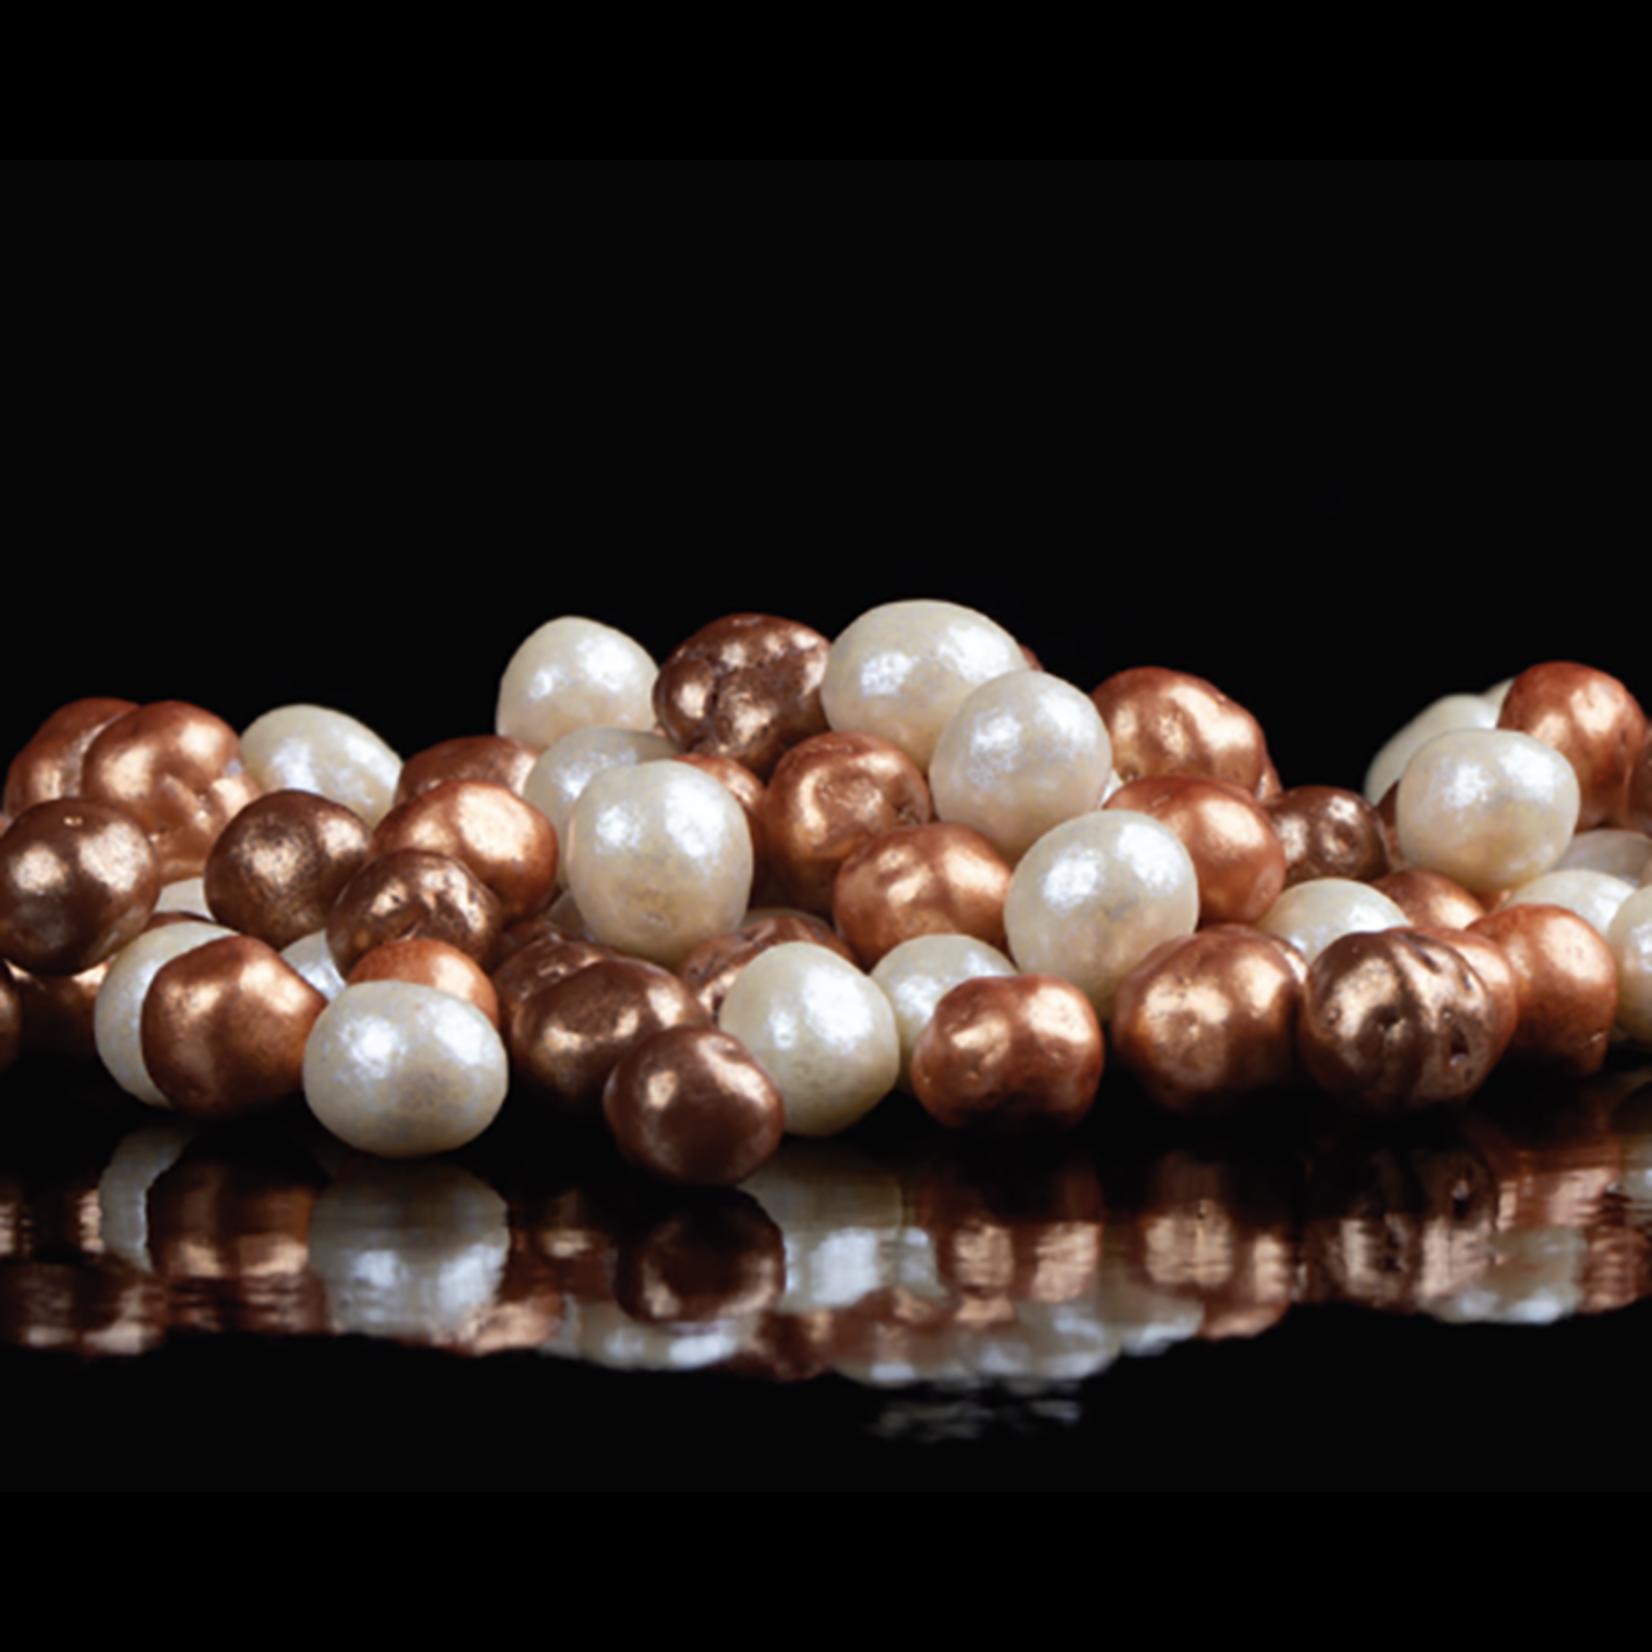 Smet Smet - Metallic Mix Lux Pearls, Mini - 5 lbs, E2361